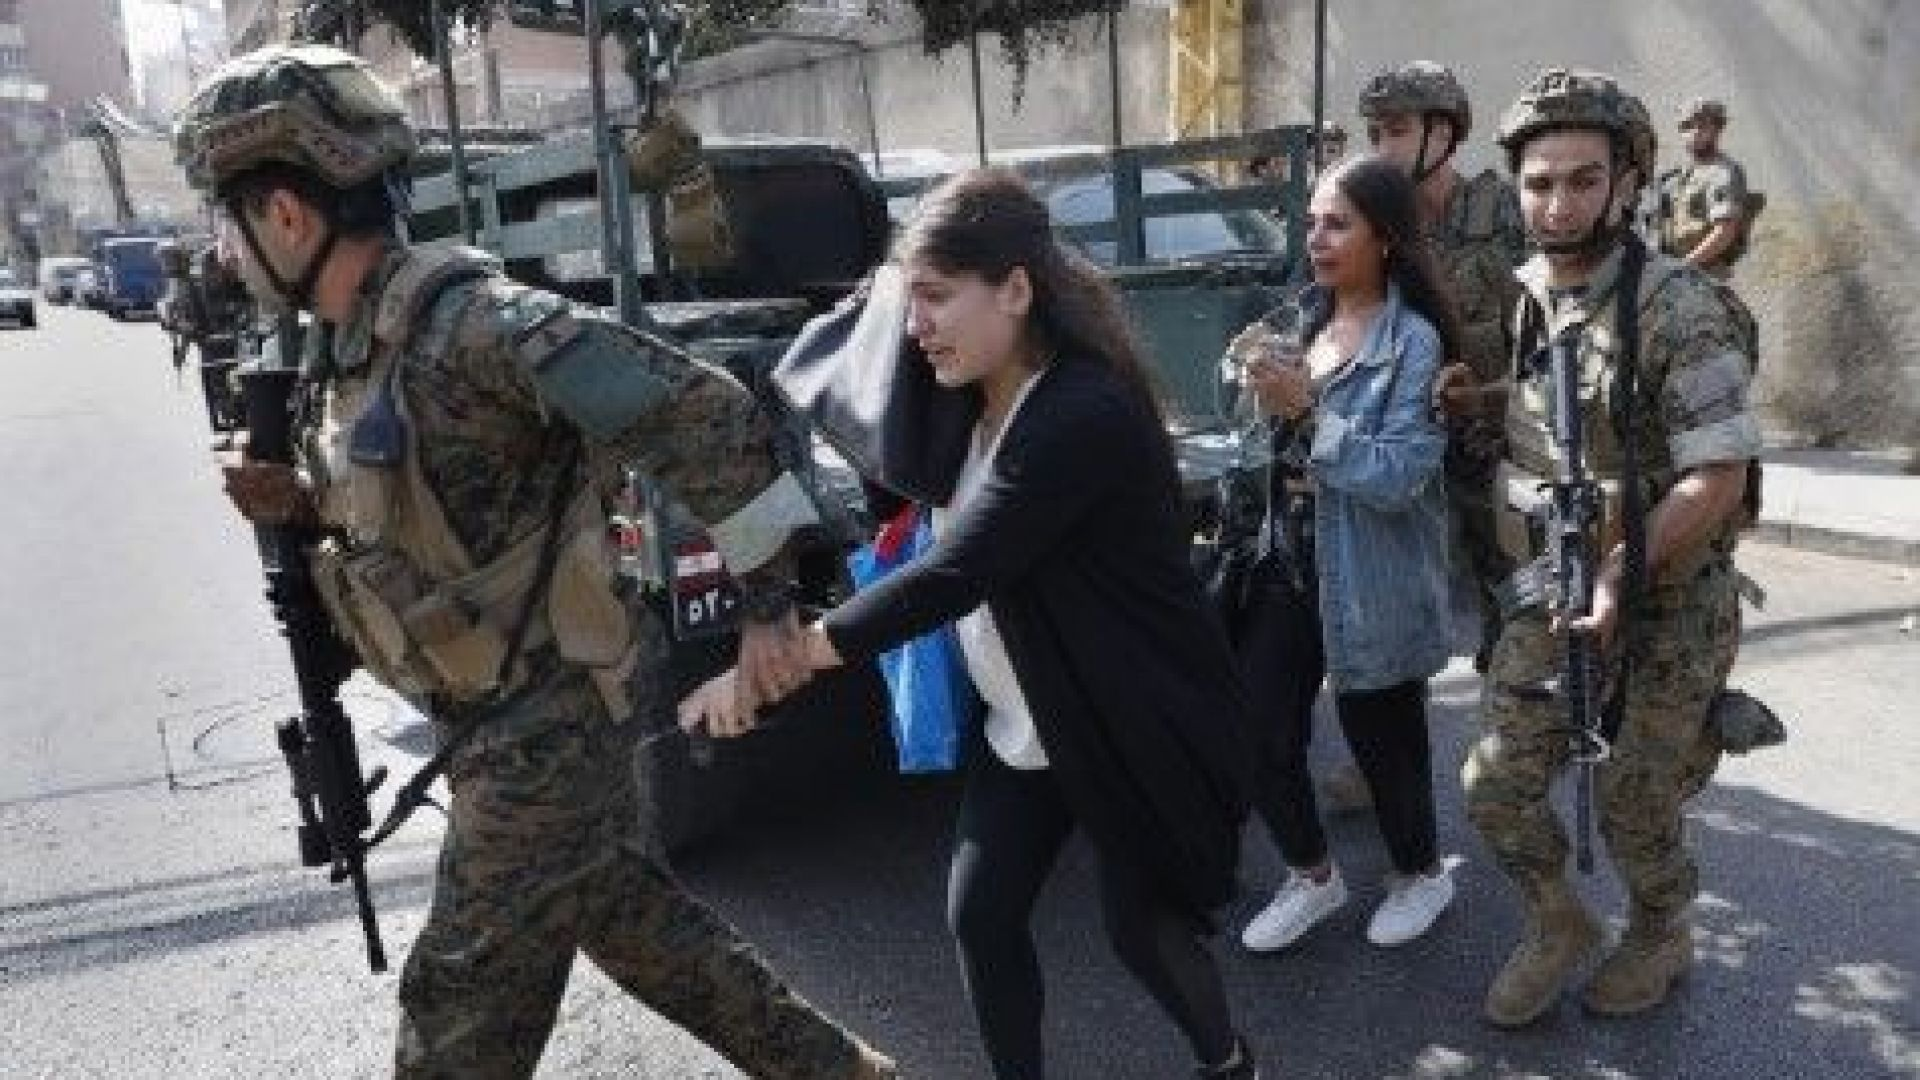 Арести след  невиждано от 13 г. насилие, което разтърси Бейрут